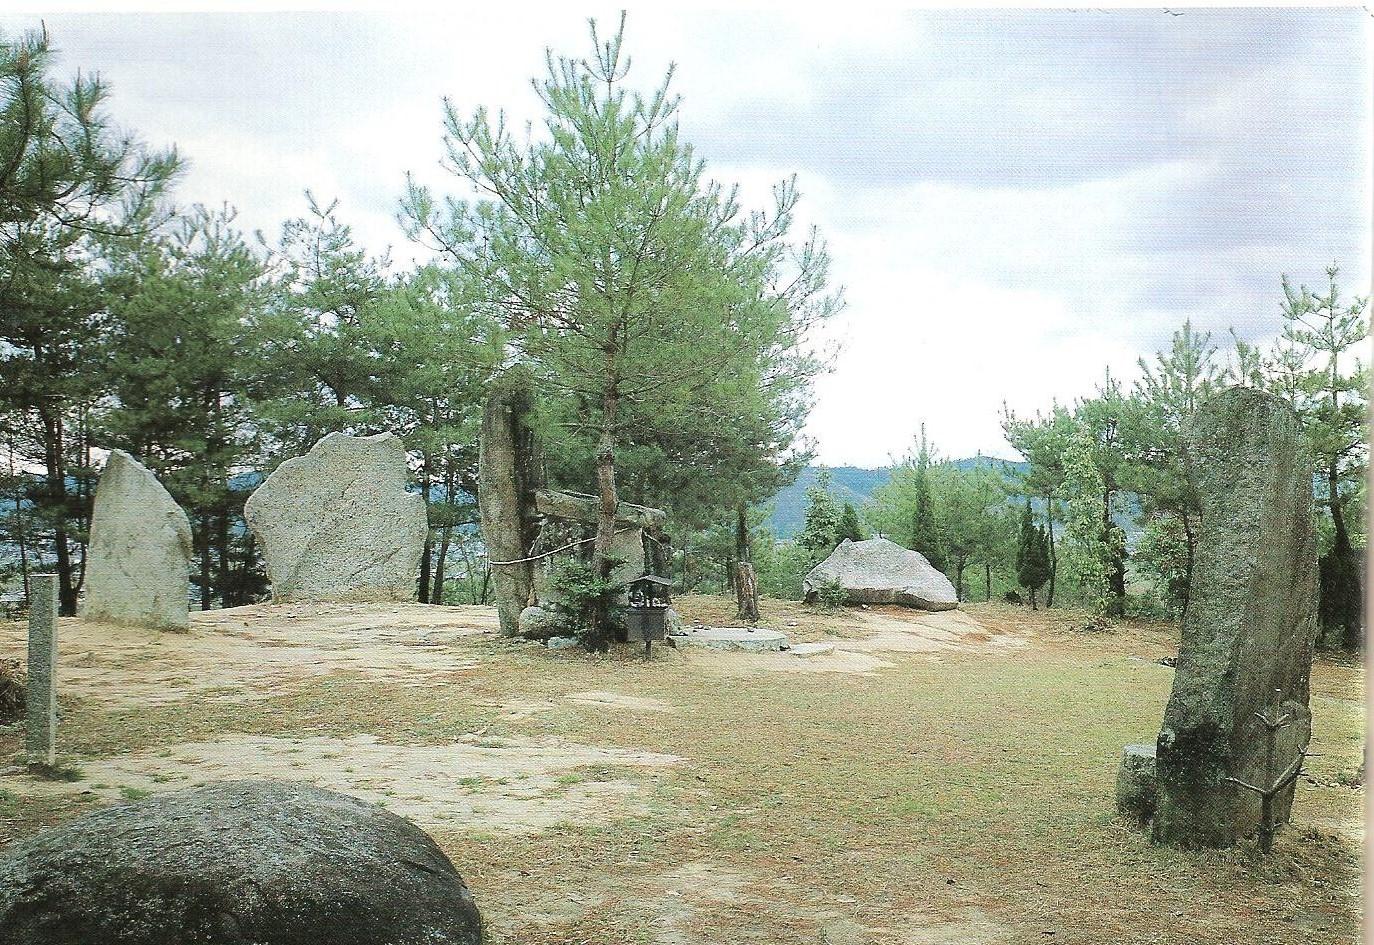 円丘部上に立てられた石